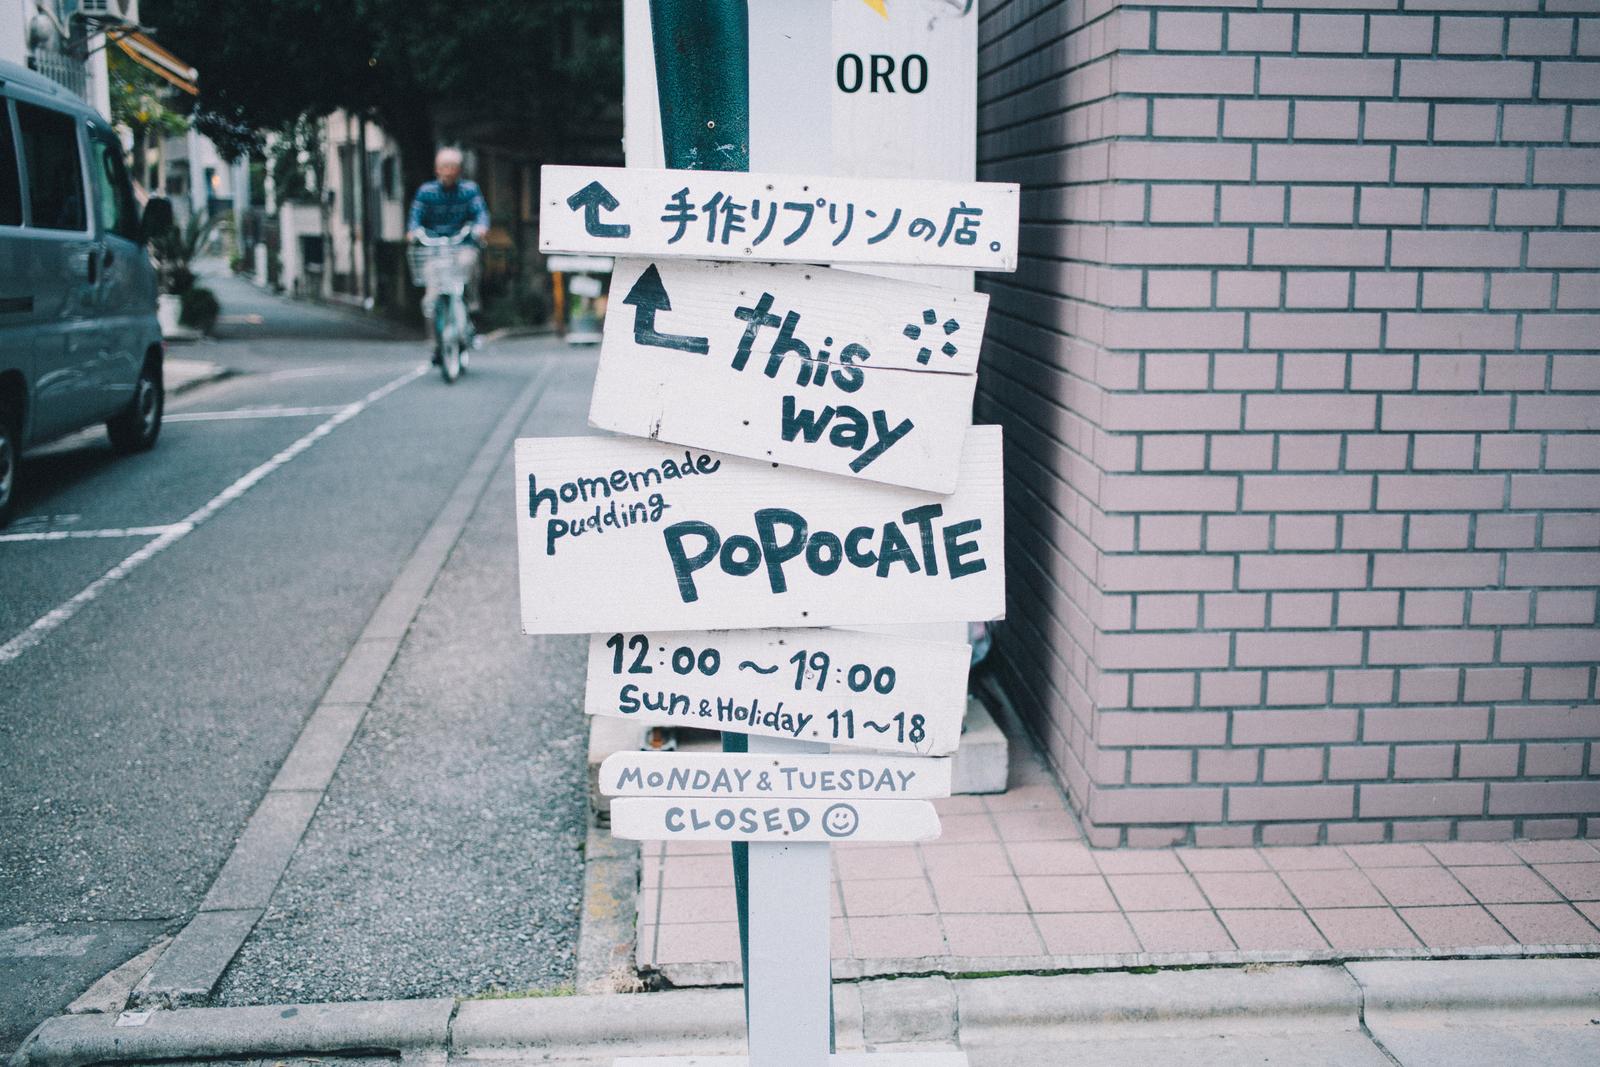 プリン好きが集ってできた、手作りプリンの専門店「POPOCATE」 地蔵通りからの看板